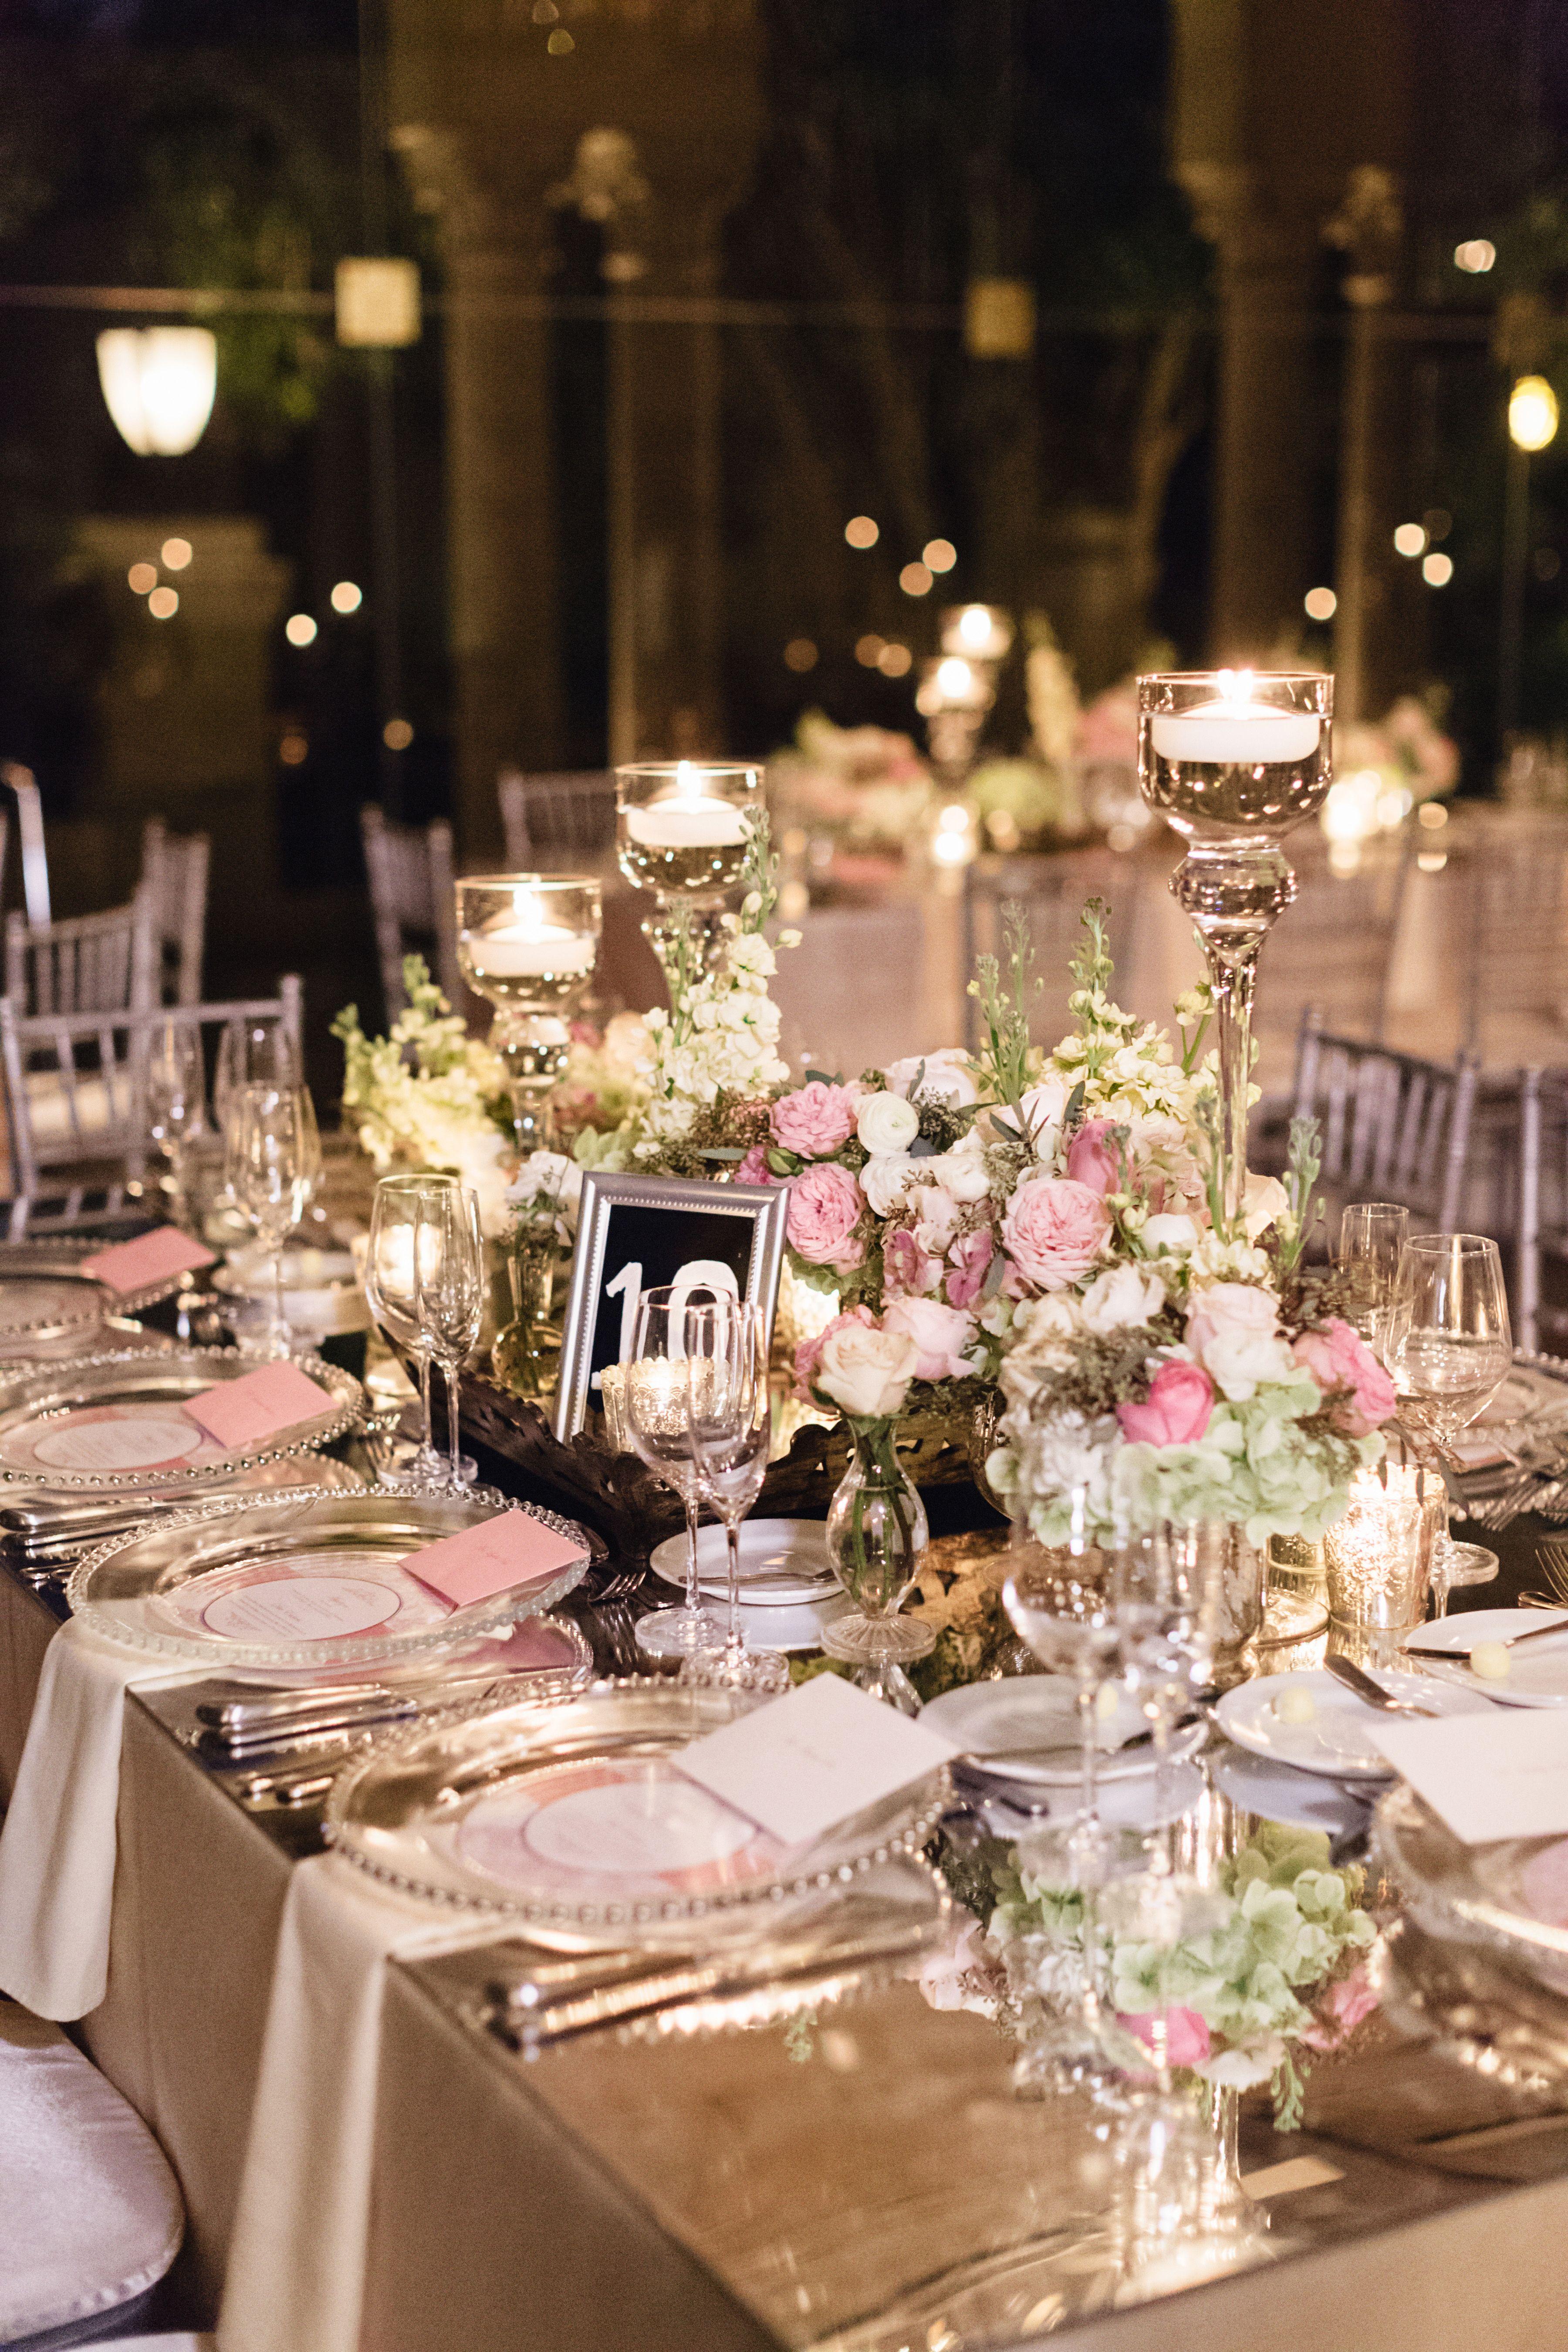 Bryan Und Josy S Luxuriose Hochzeit Im Country Club Turkische